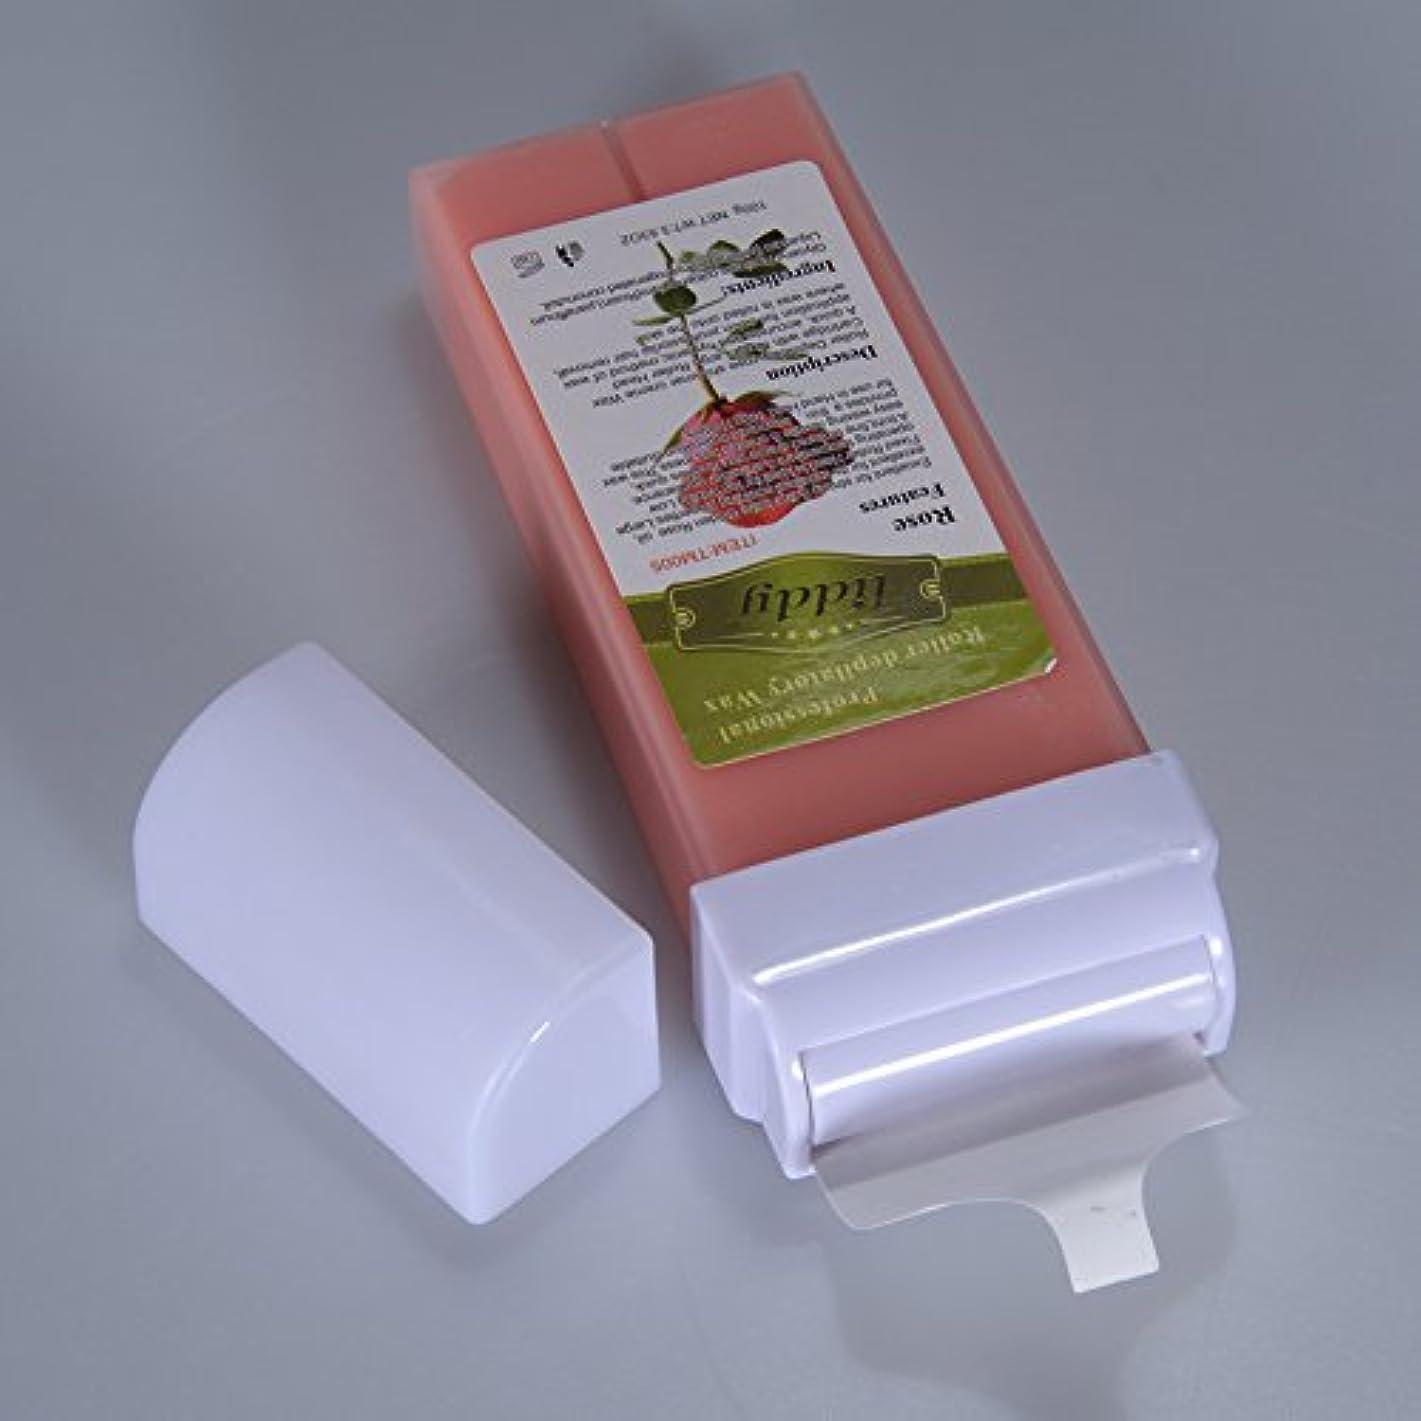 複雑なやろう倫理的Metermall 脱毛プロフェッショナル使用水溶性脱毛砂糖ワックスカートリッジワックスグッドスメル - 100g / 3.53oz 100g rose